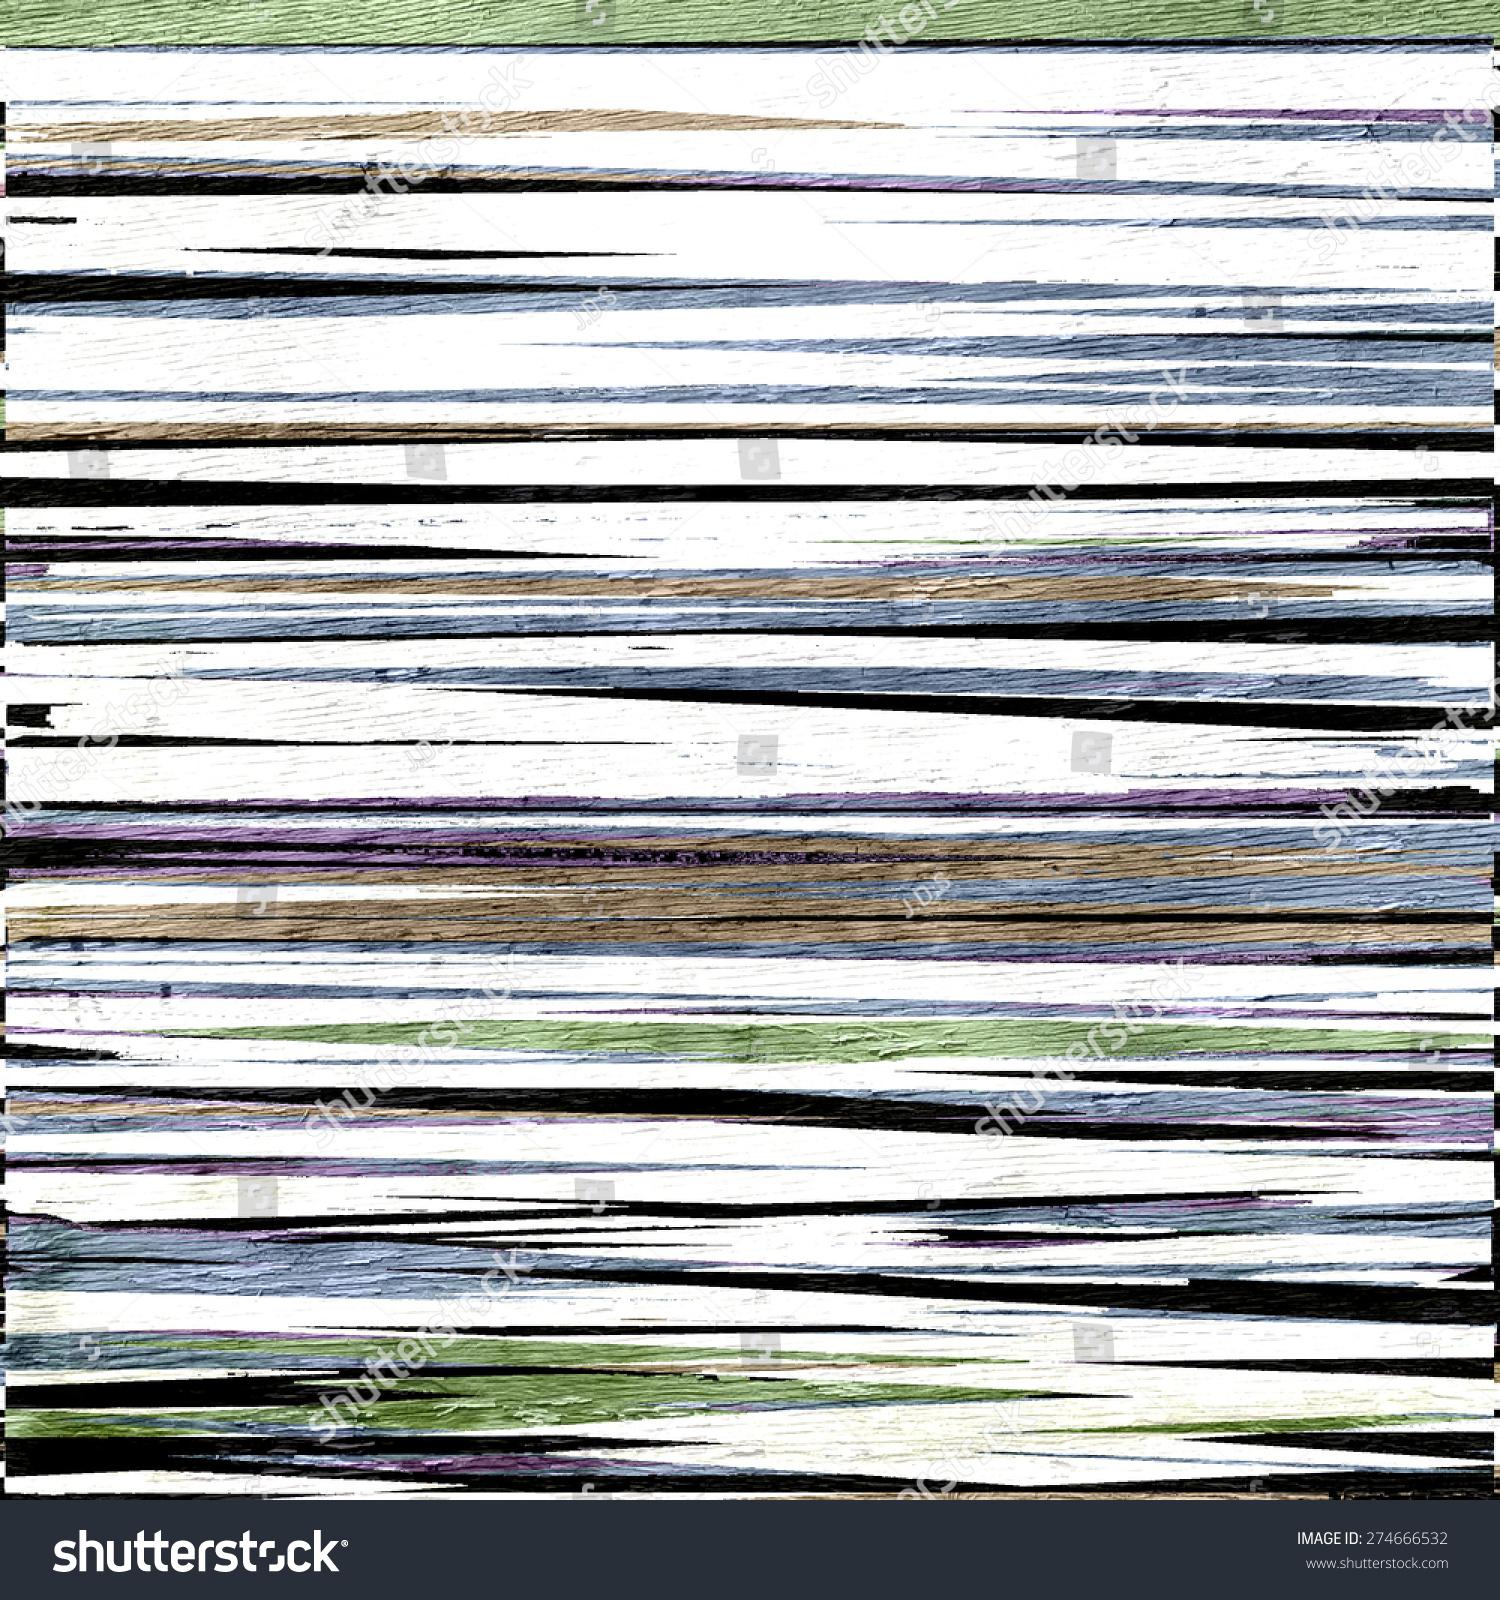 抽象条纹设计木纹纹理